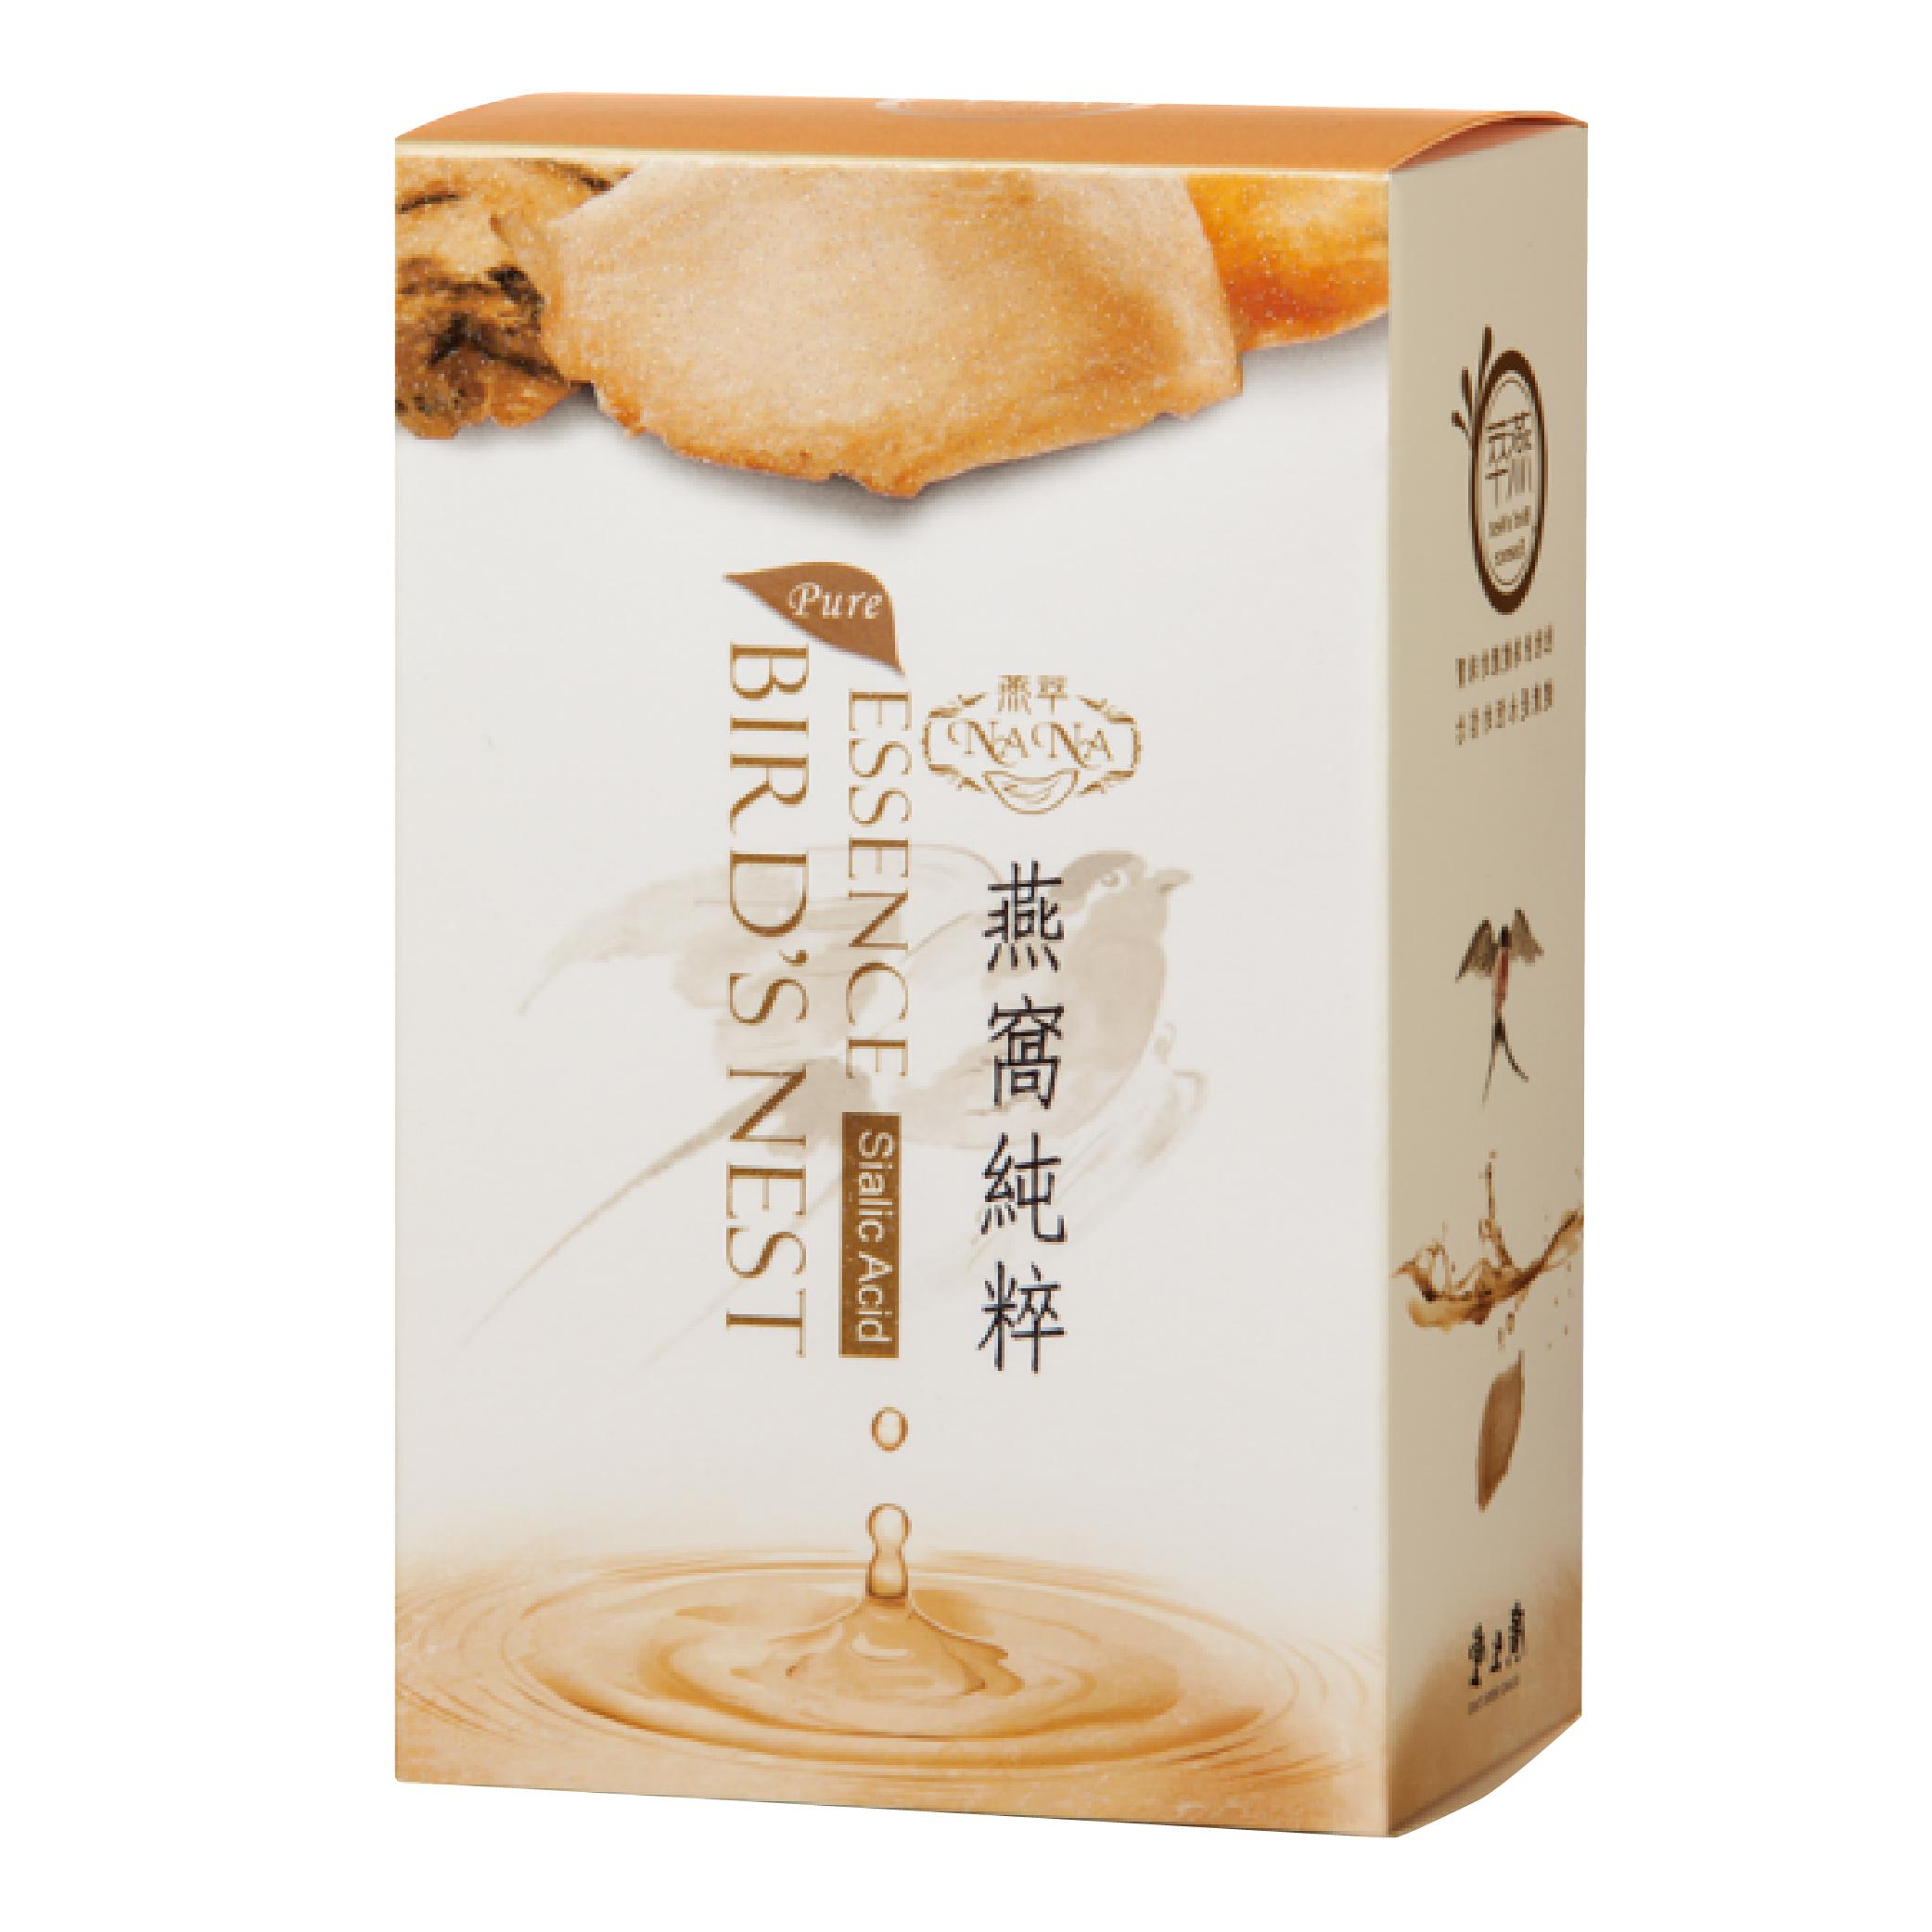 【廣生堂】 NANA燕萃膠囊3%兩盒組 30粒/盒 - 加贈綺麗童顏膠原蛋白一盒組 7入/盒